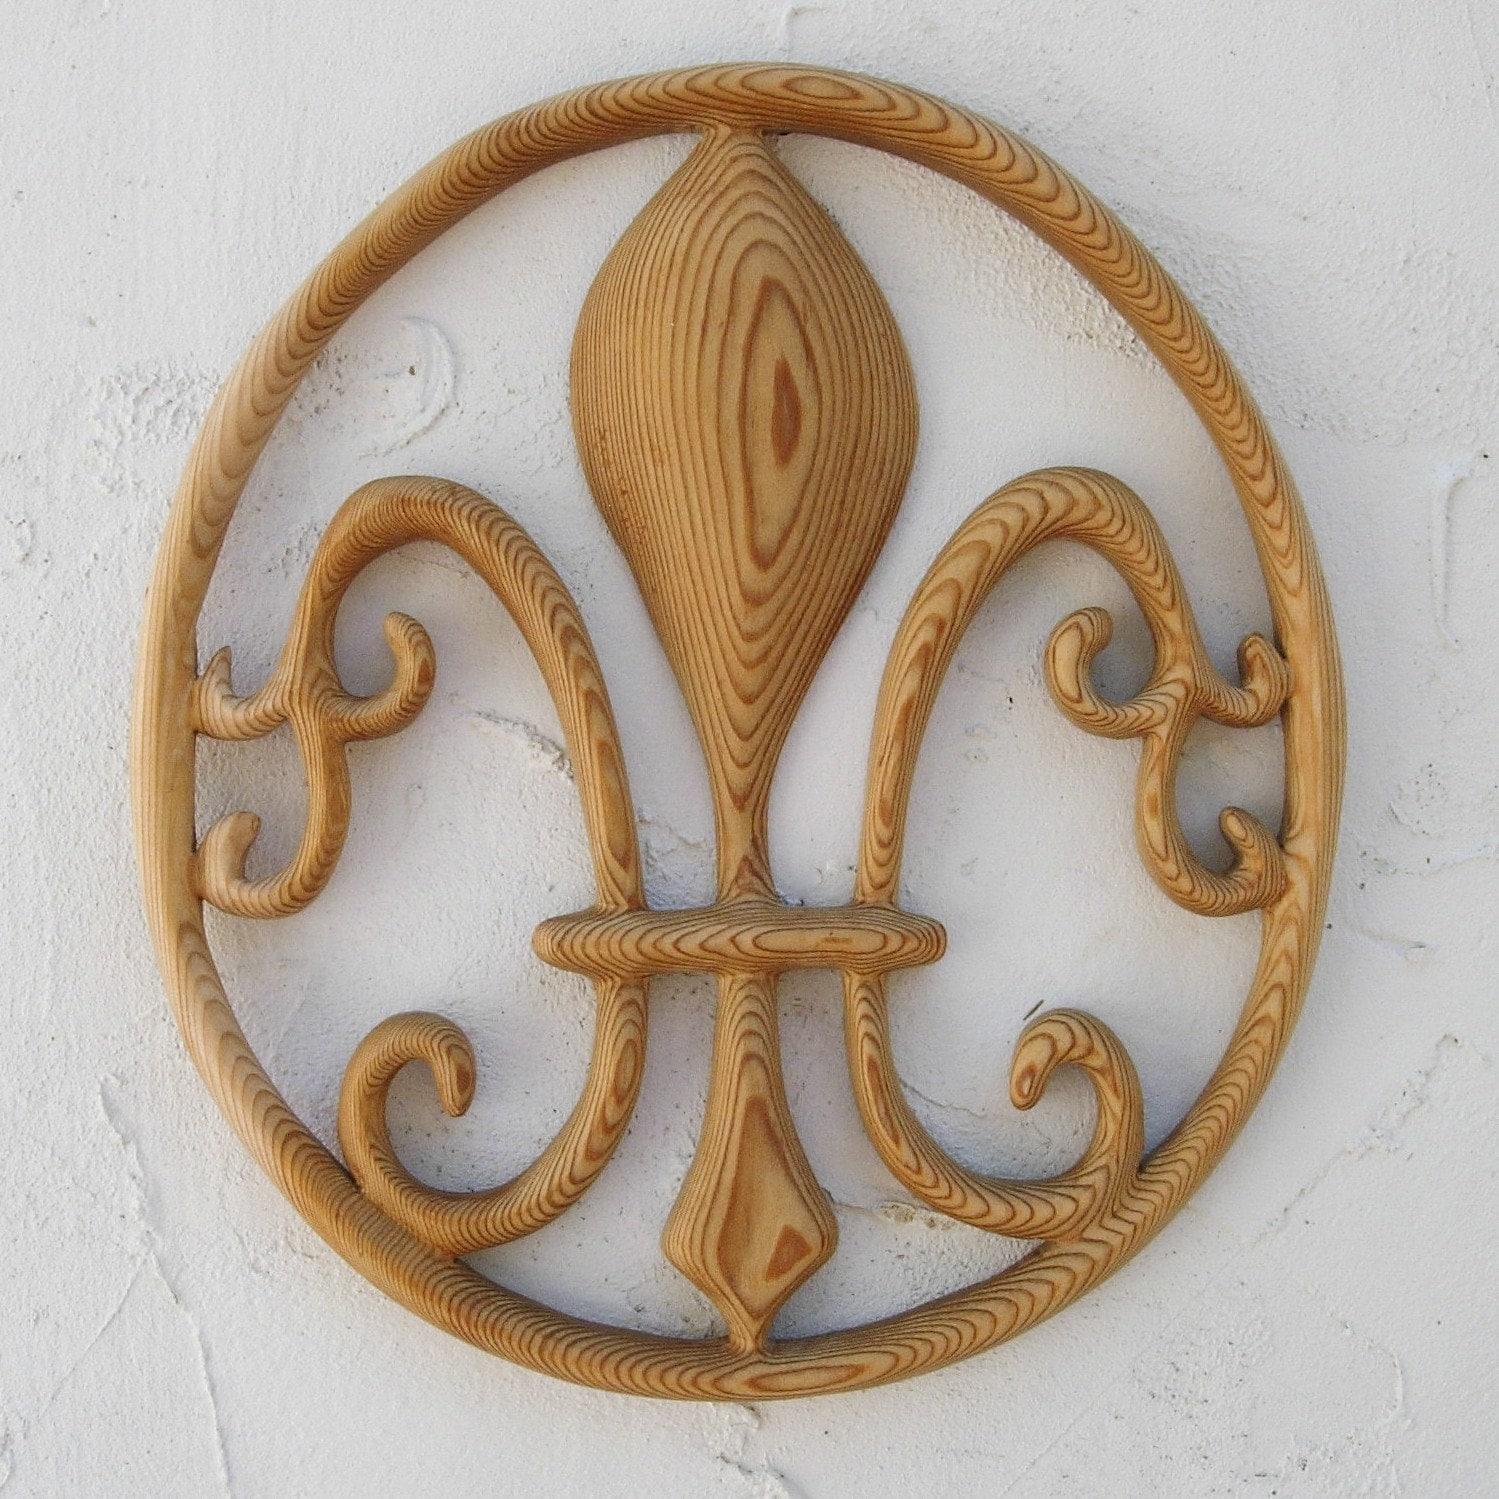 New Orleans Saints Fleur De Lis Symbol